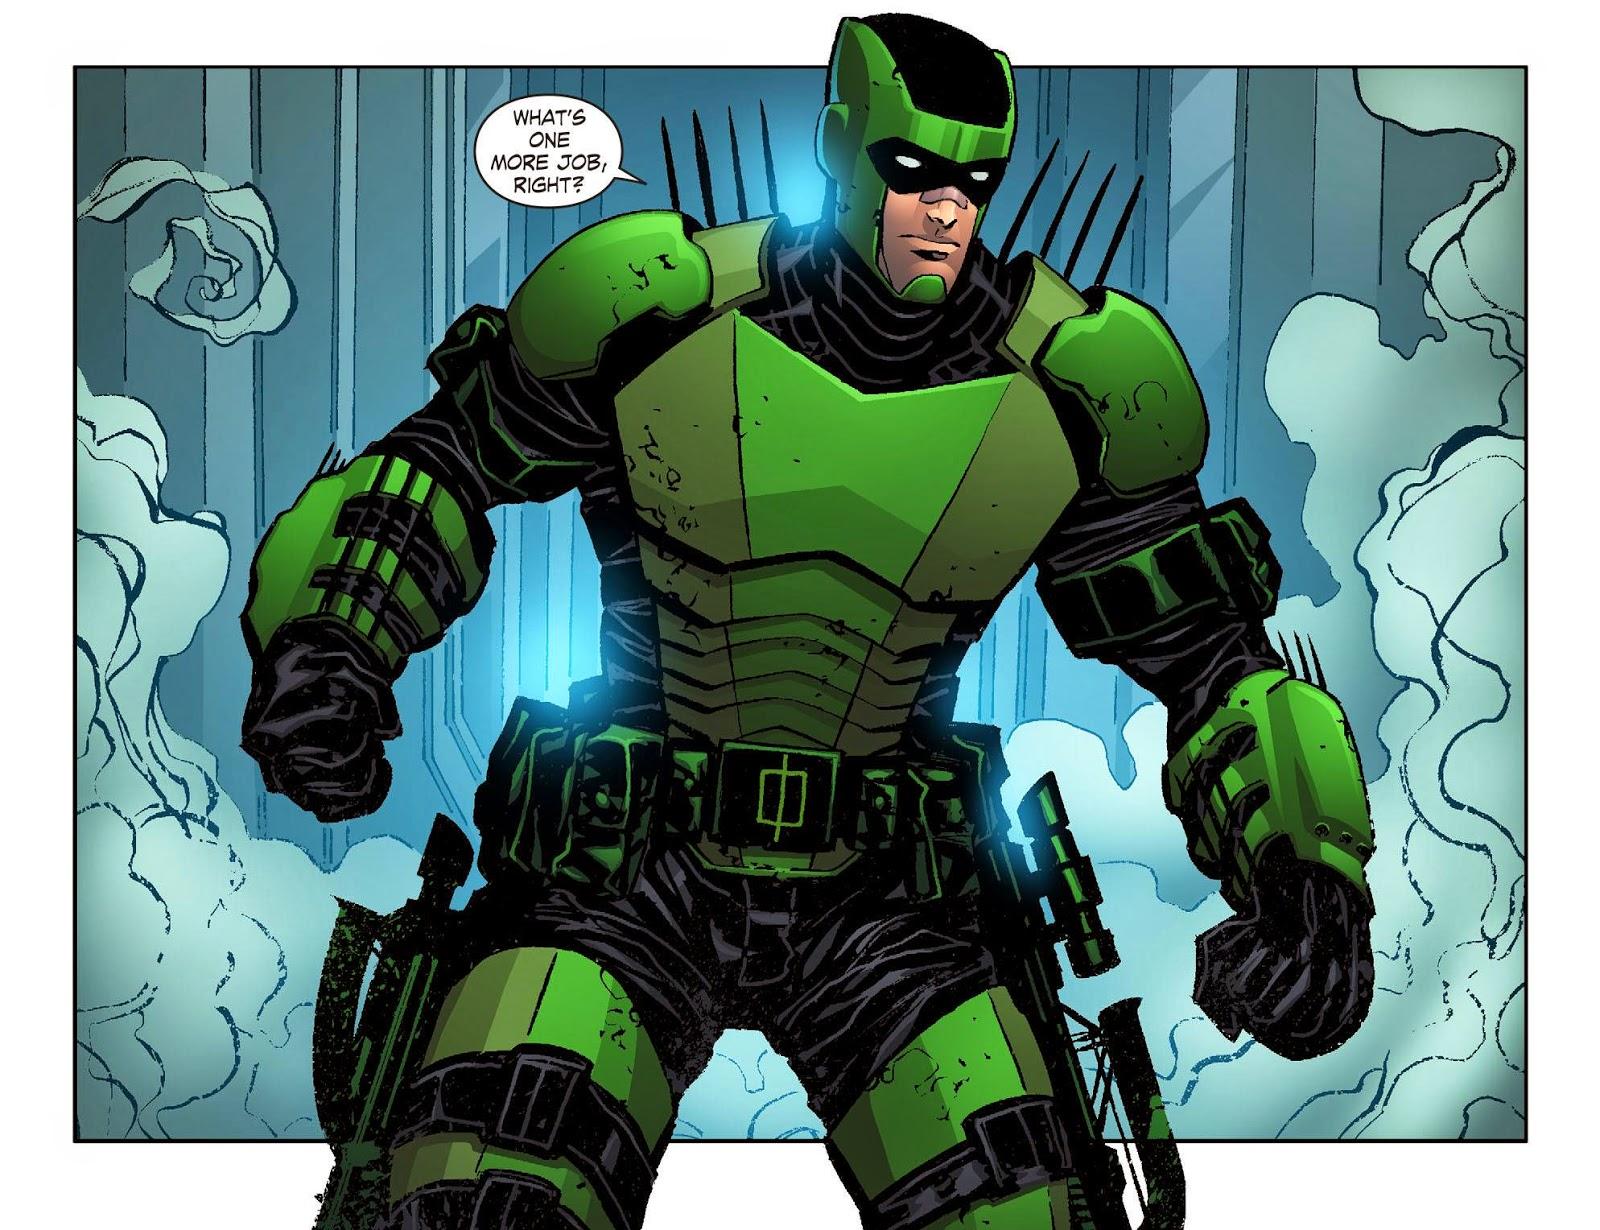 Weird Science Dc Comics Smallville Lantern 9 Review